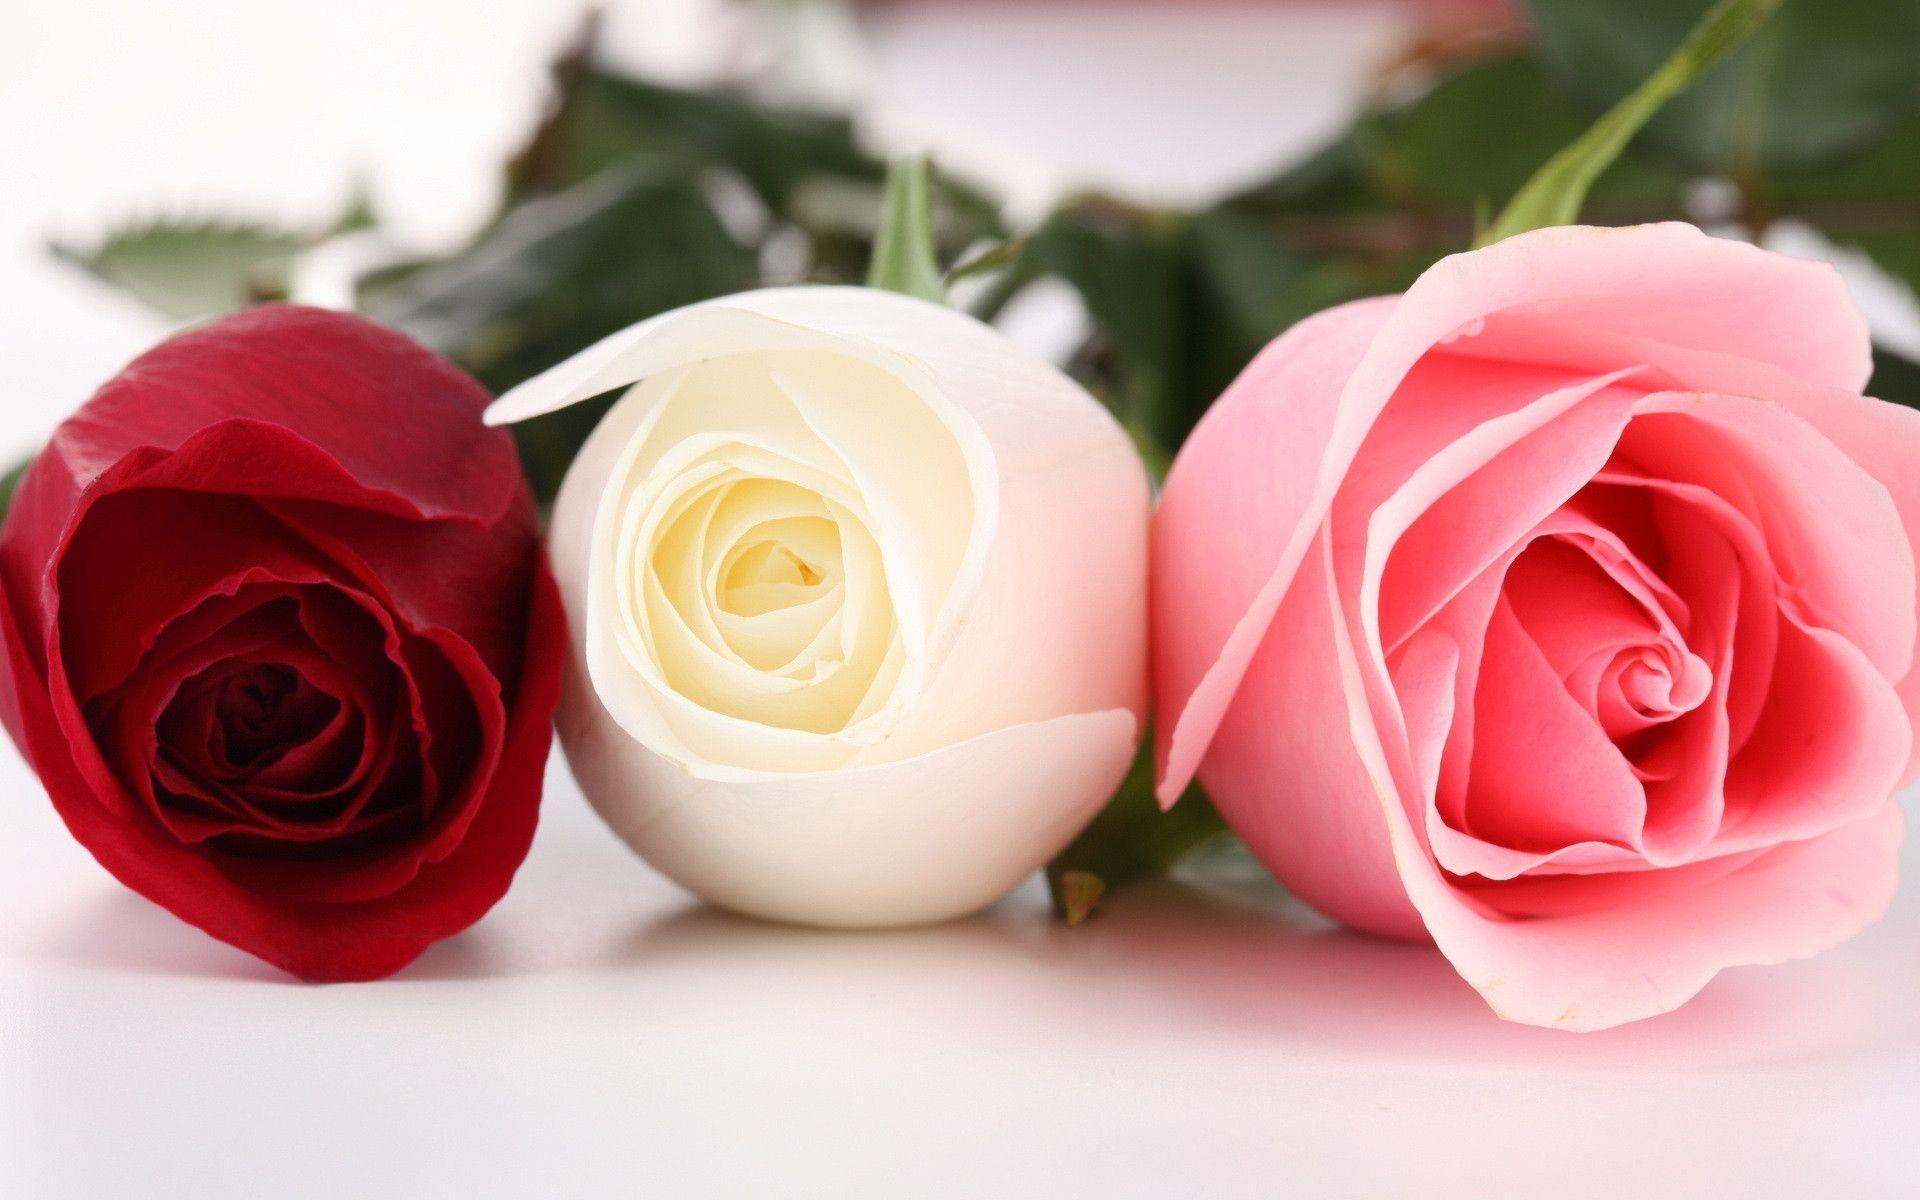 Trong bộ sưu tập này chúng tôi gửi đến bạn những hình ảnh đẹp nhất, ngọt ngào nhất về hoa hồng để các bạn có thể ngắm nhìn hoặc gửi tặng cho ...